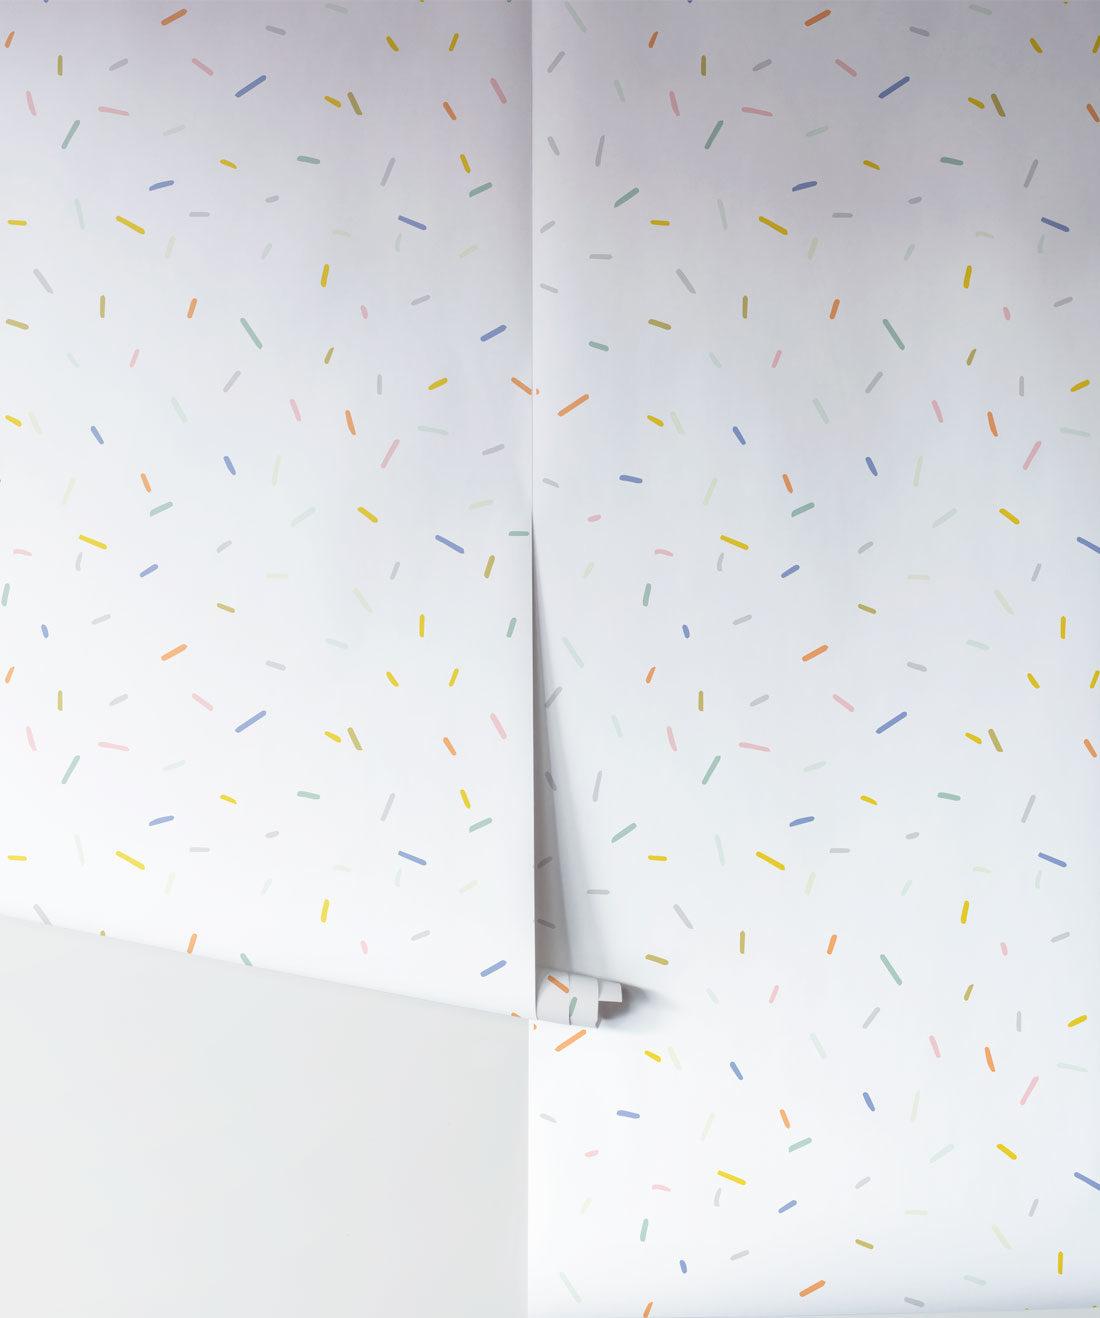 White Confetti Wallpaper Rolls